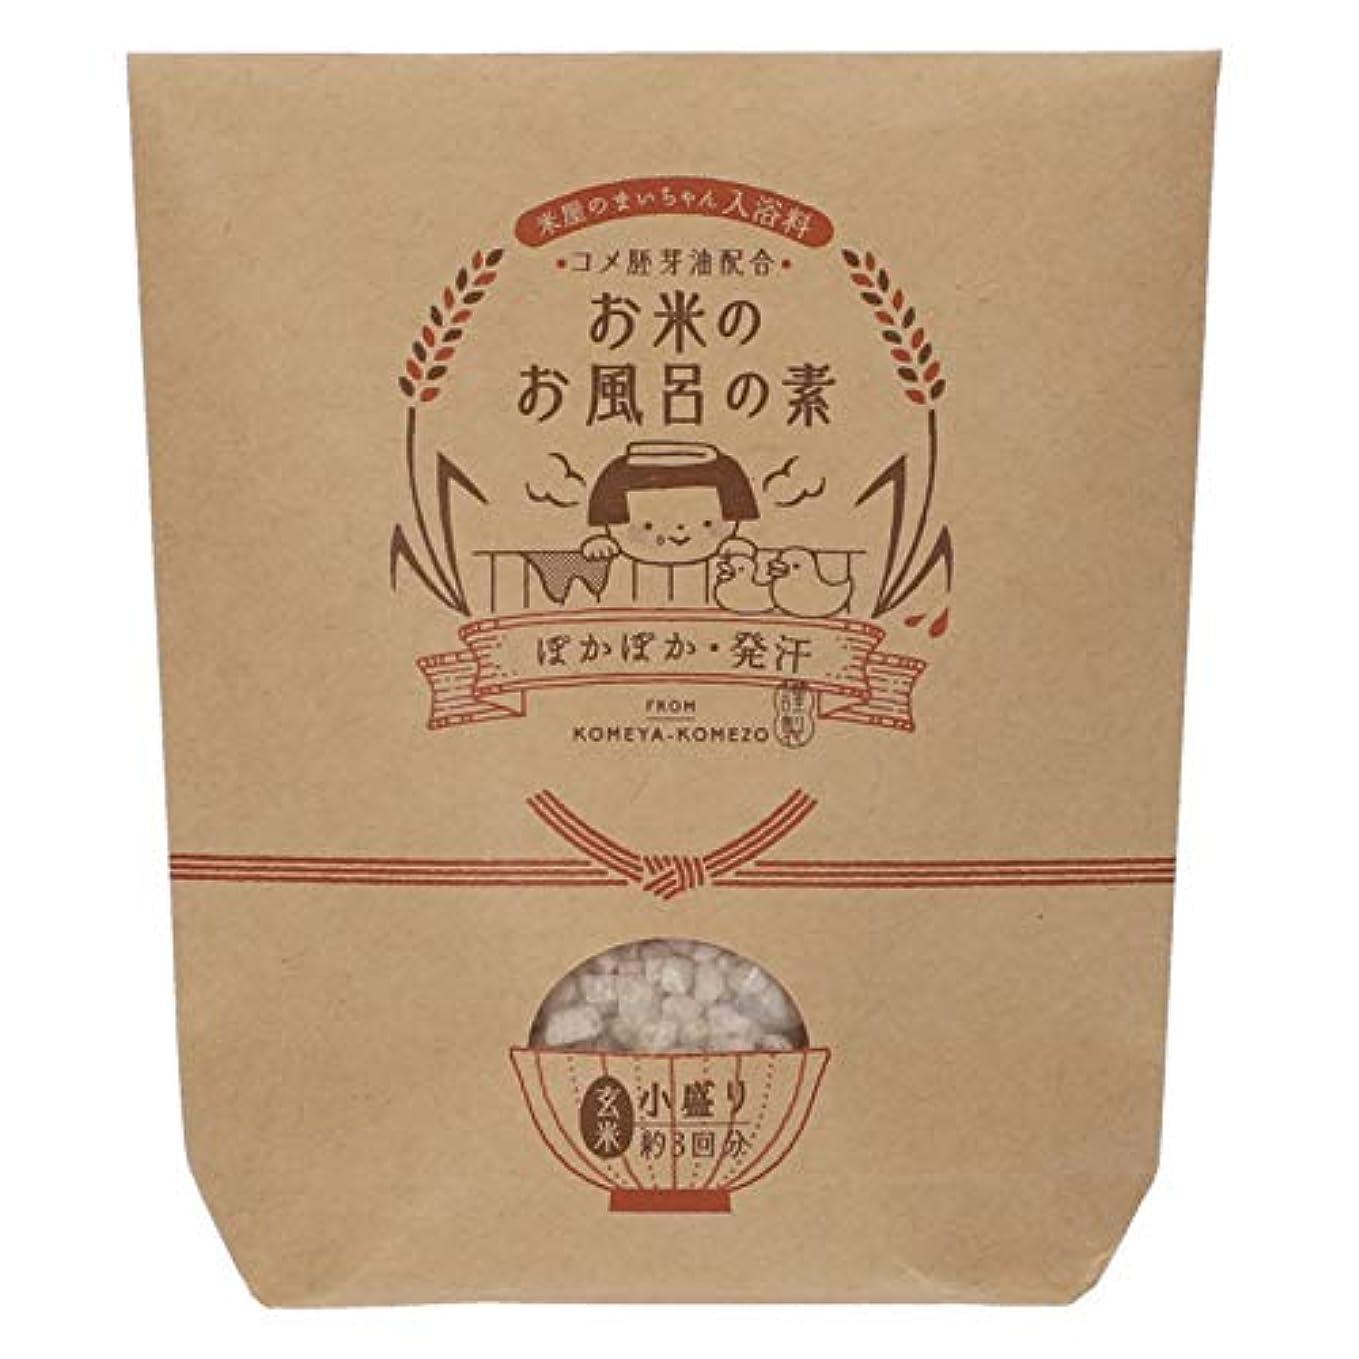 回路ひどいオンス米屋のまいちゃん家の逸品 お米のお風呂の素 小盛り(発汗) 入浴剤 113mm×34mm×133mm